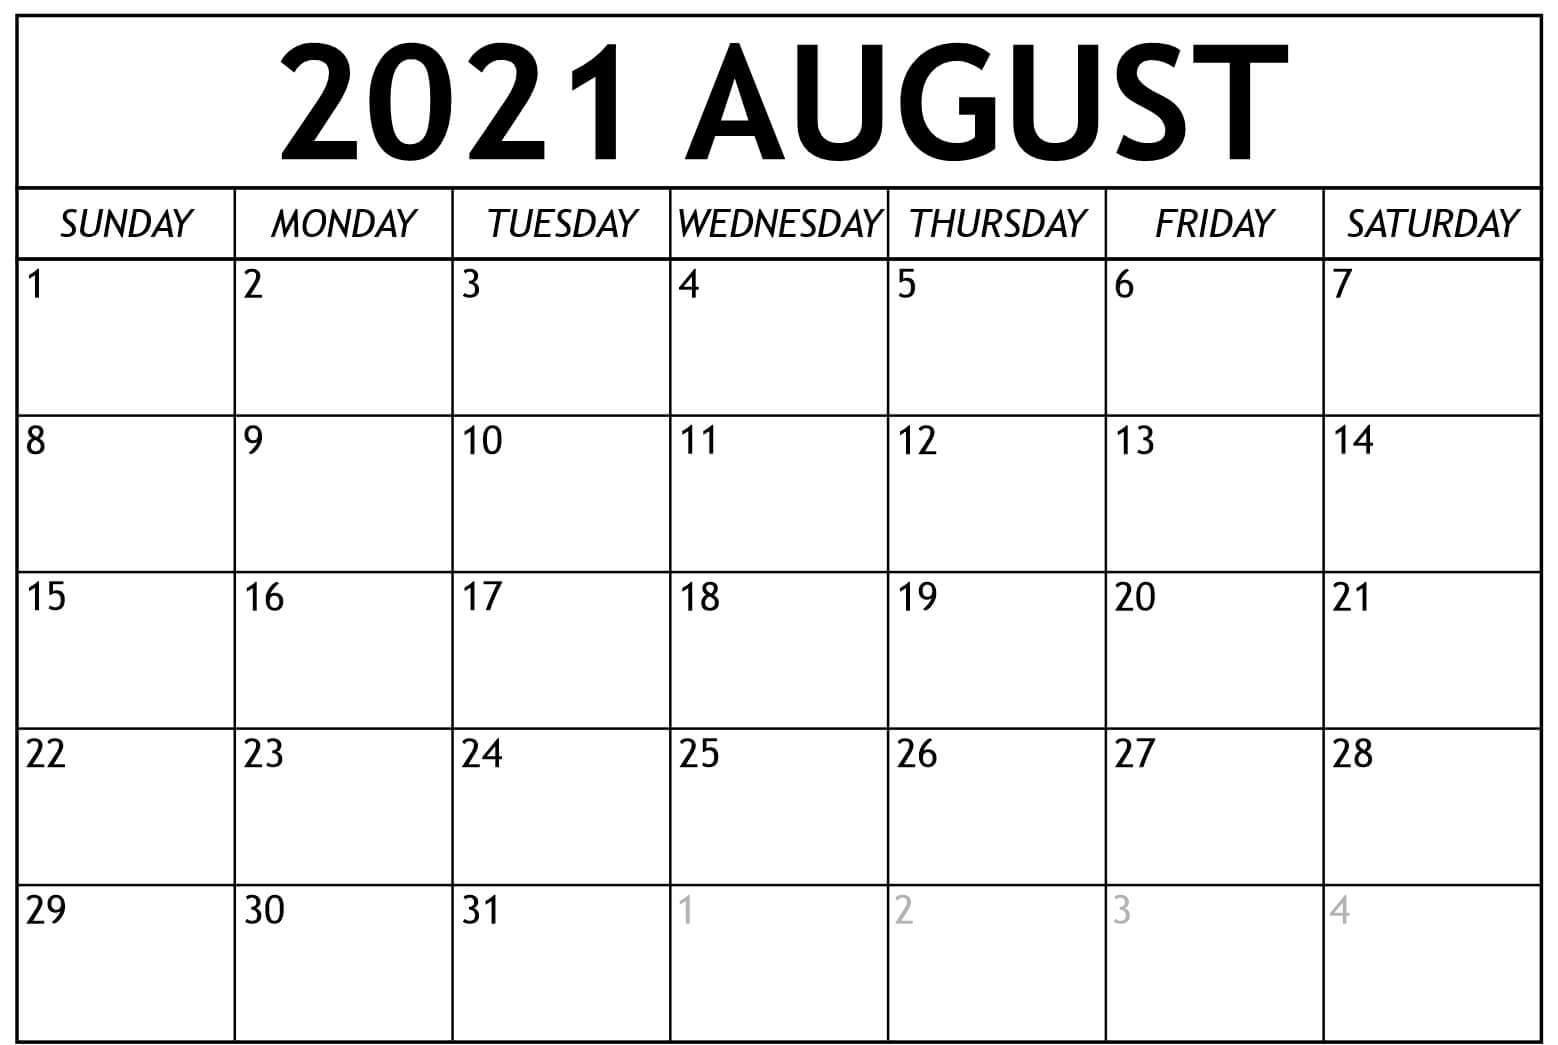 2021 August Calendar Template